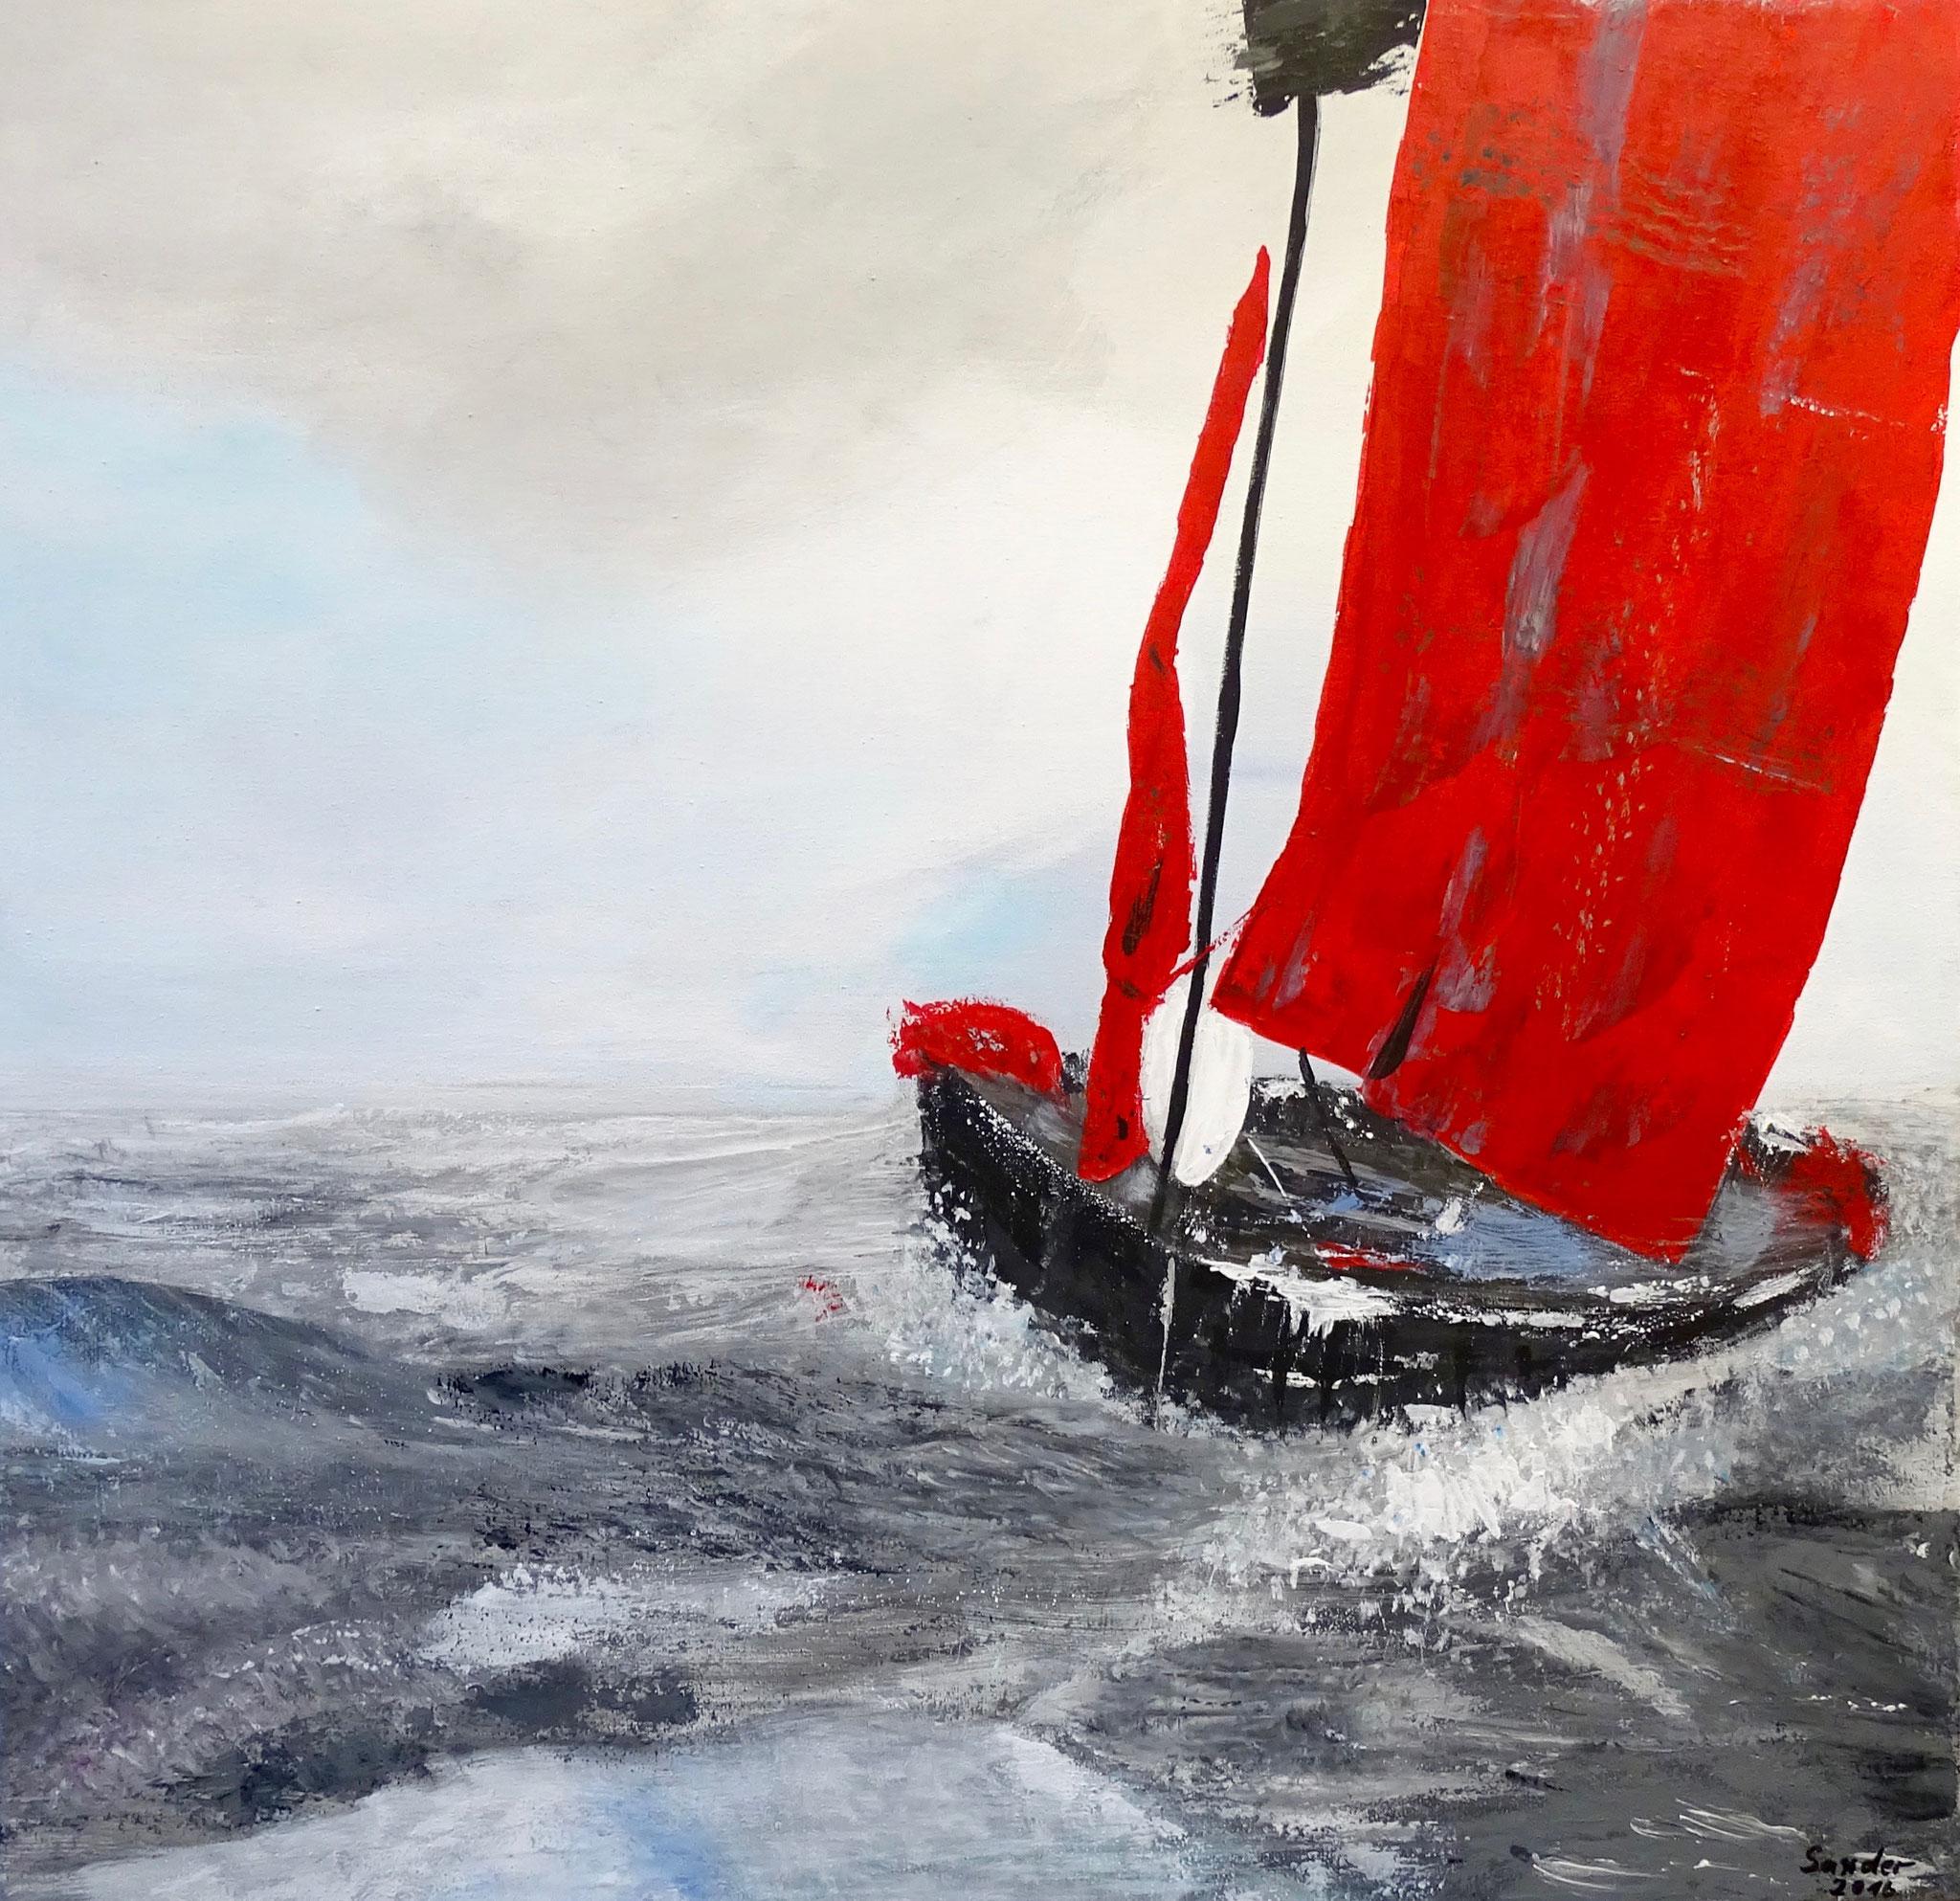 Schiffbruch, 60 x 60 cm, Acrylfarben auf Keilrahmen, signiert und datiert 2016